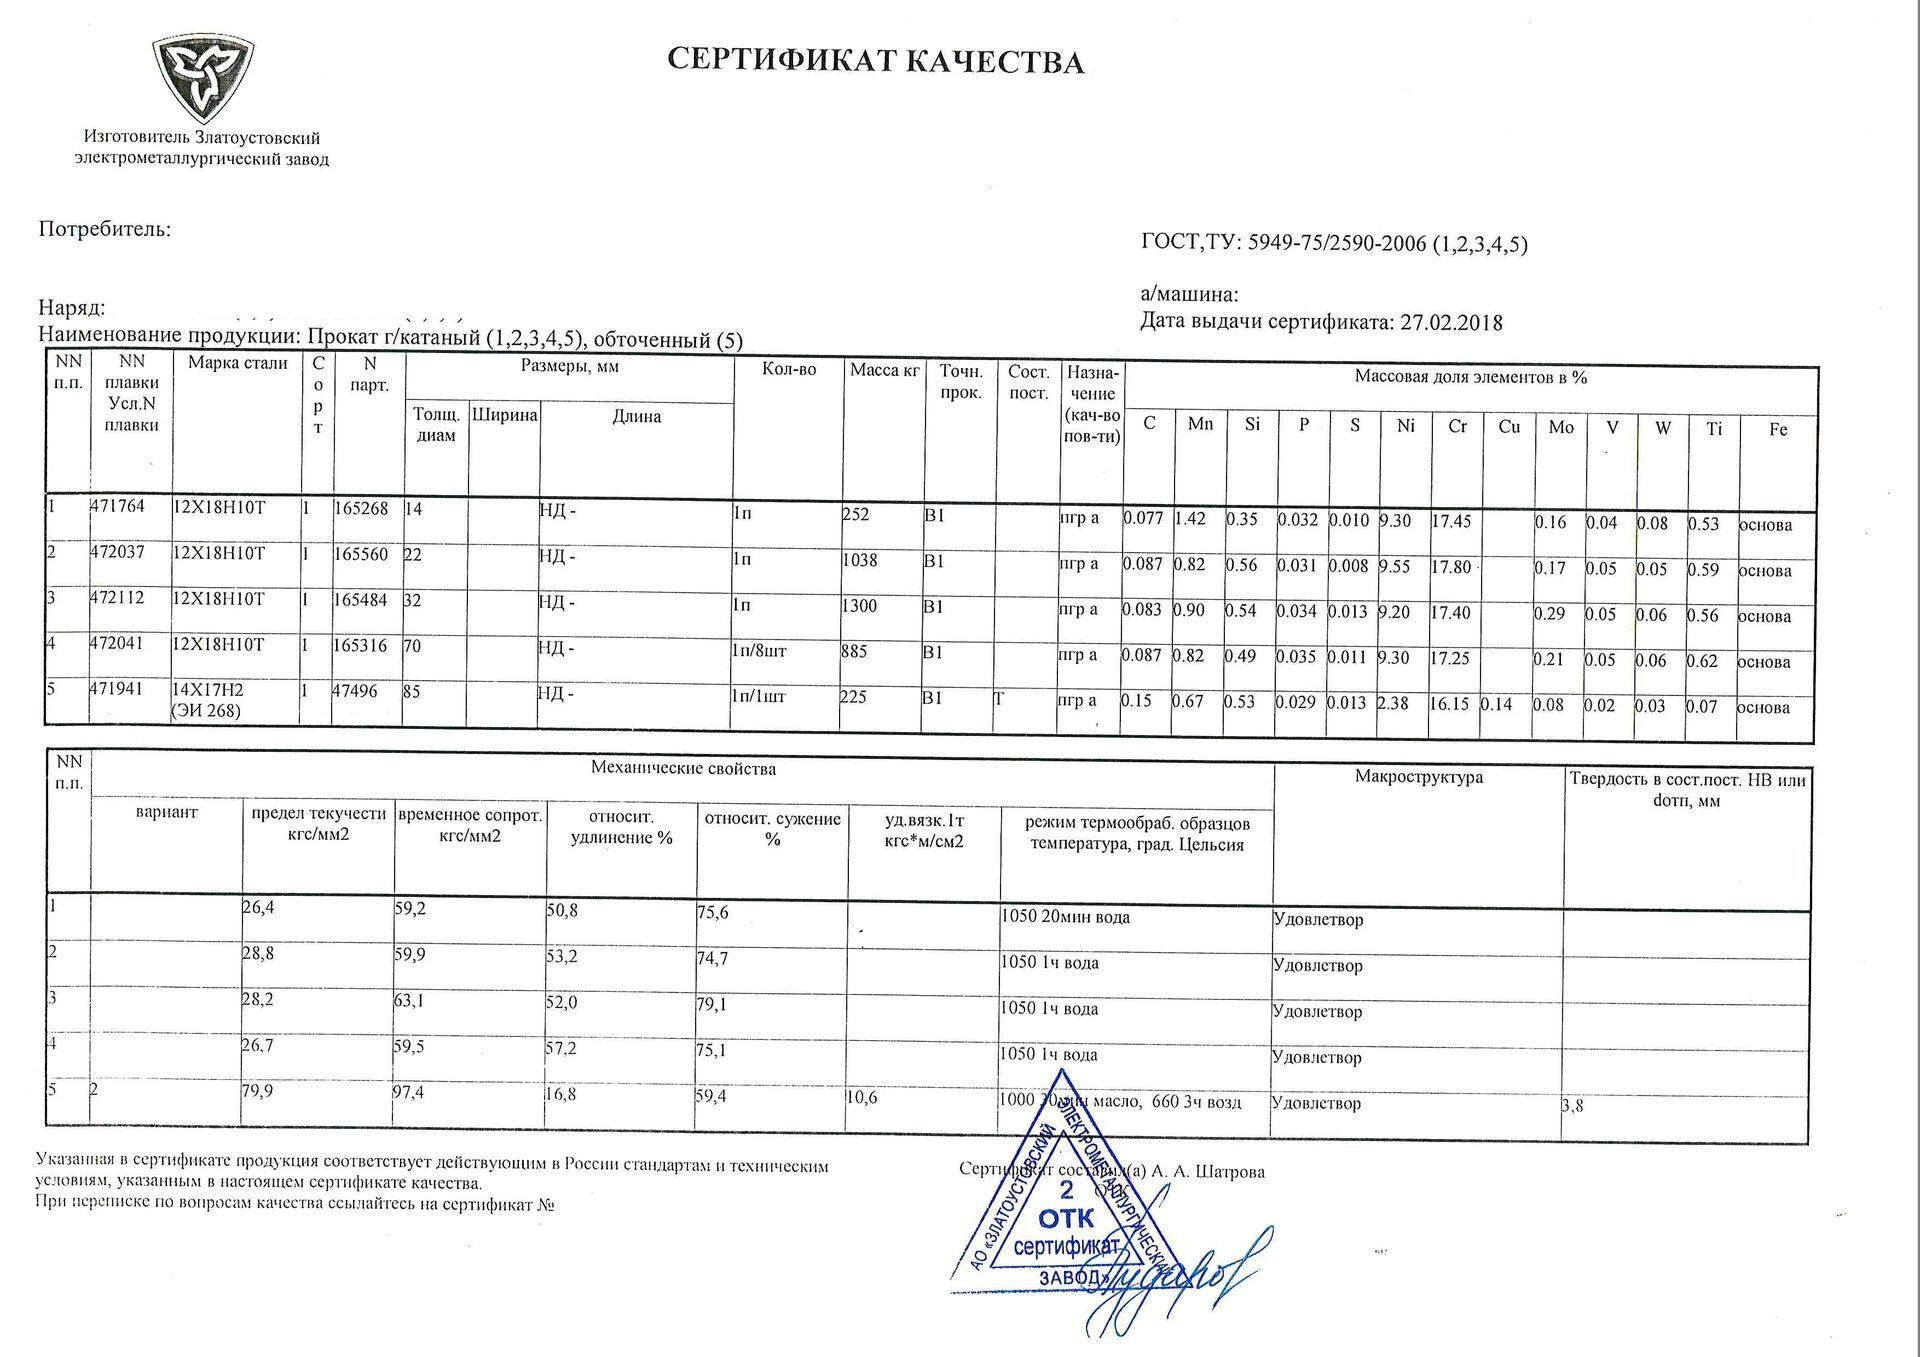 Сертификат круг 12х18н10т